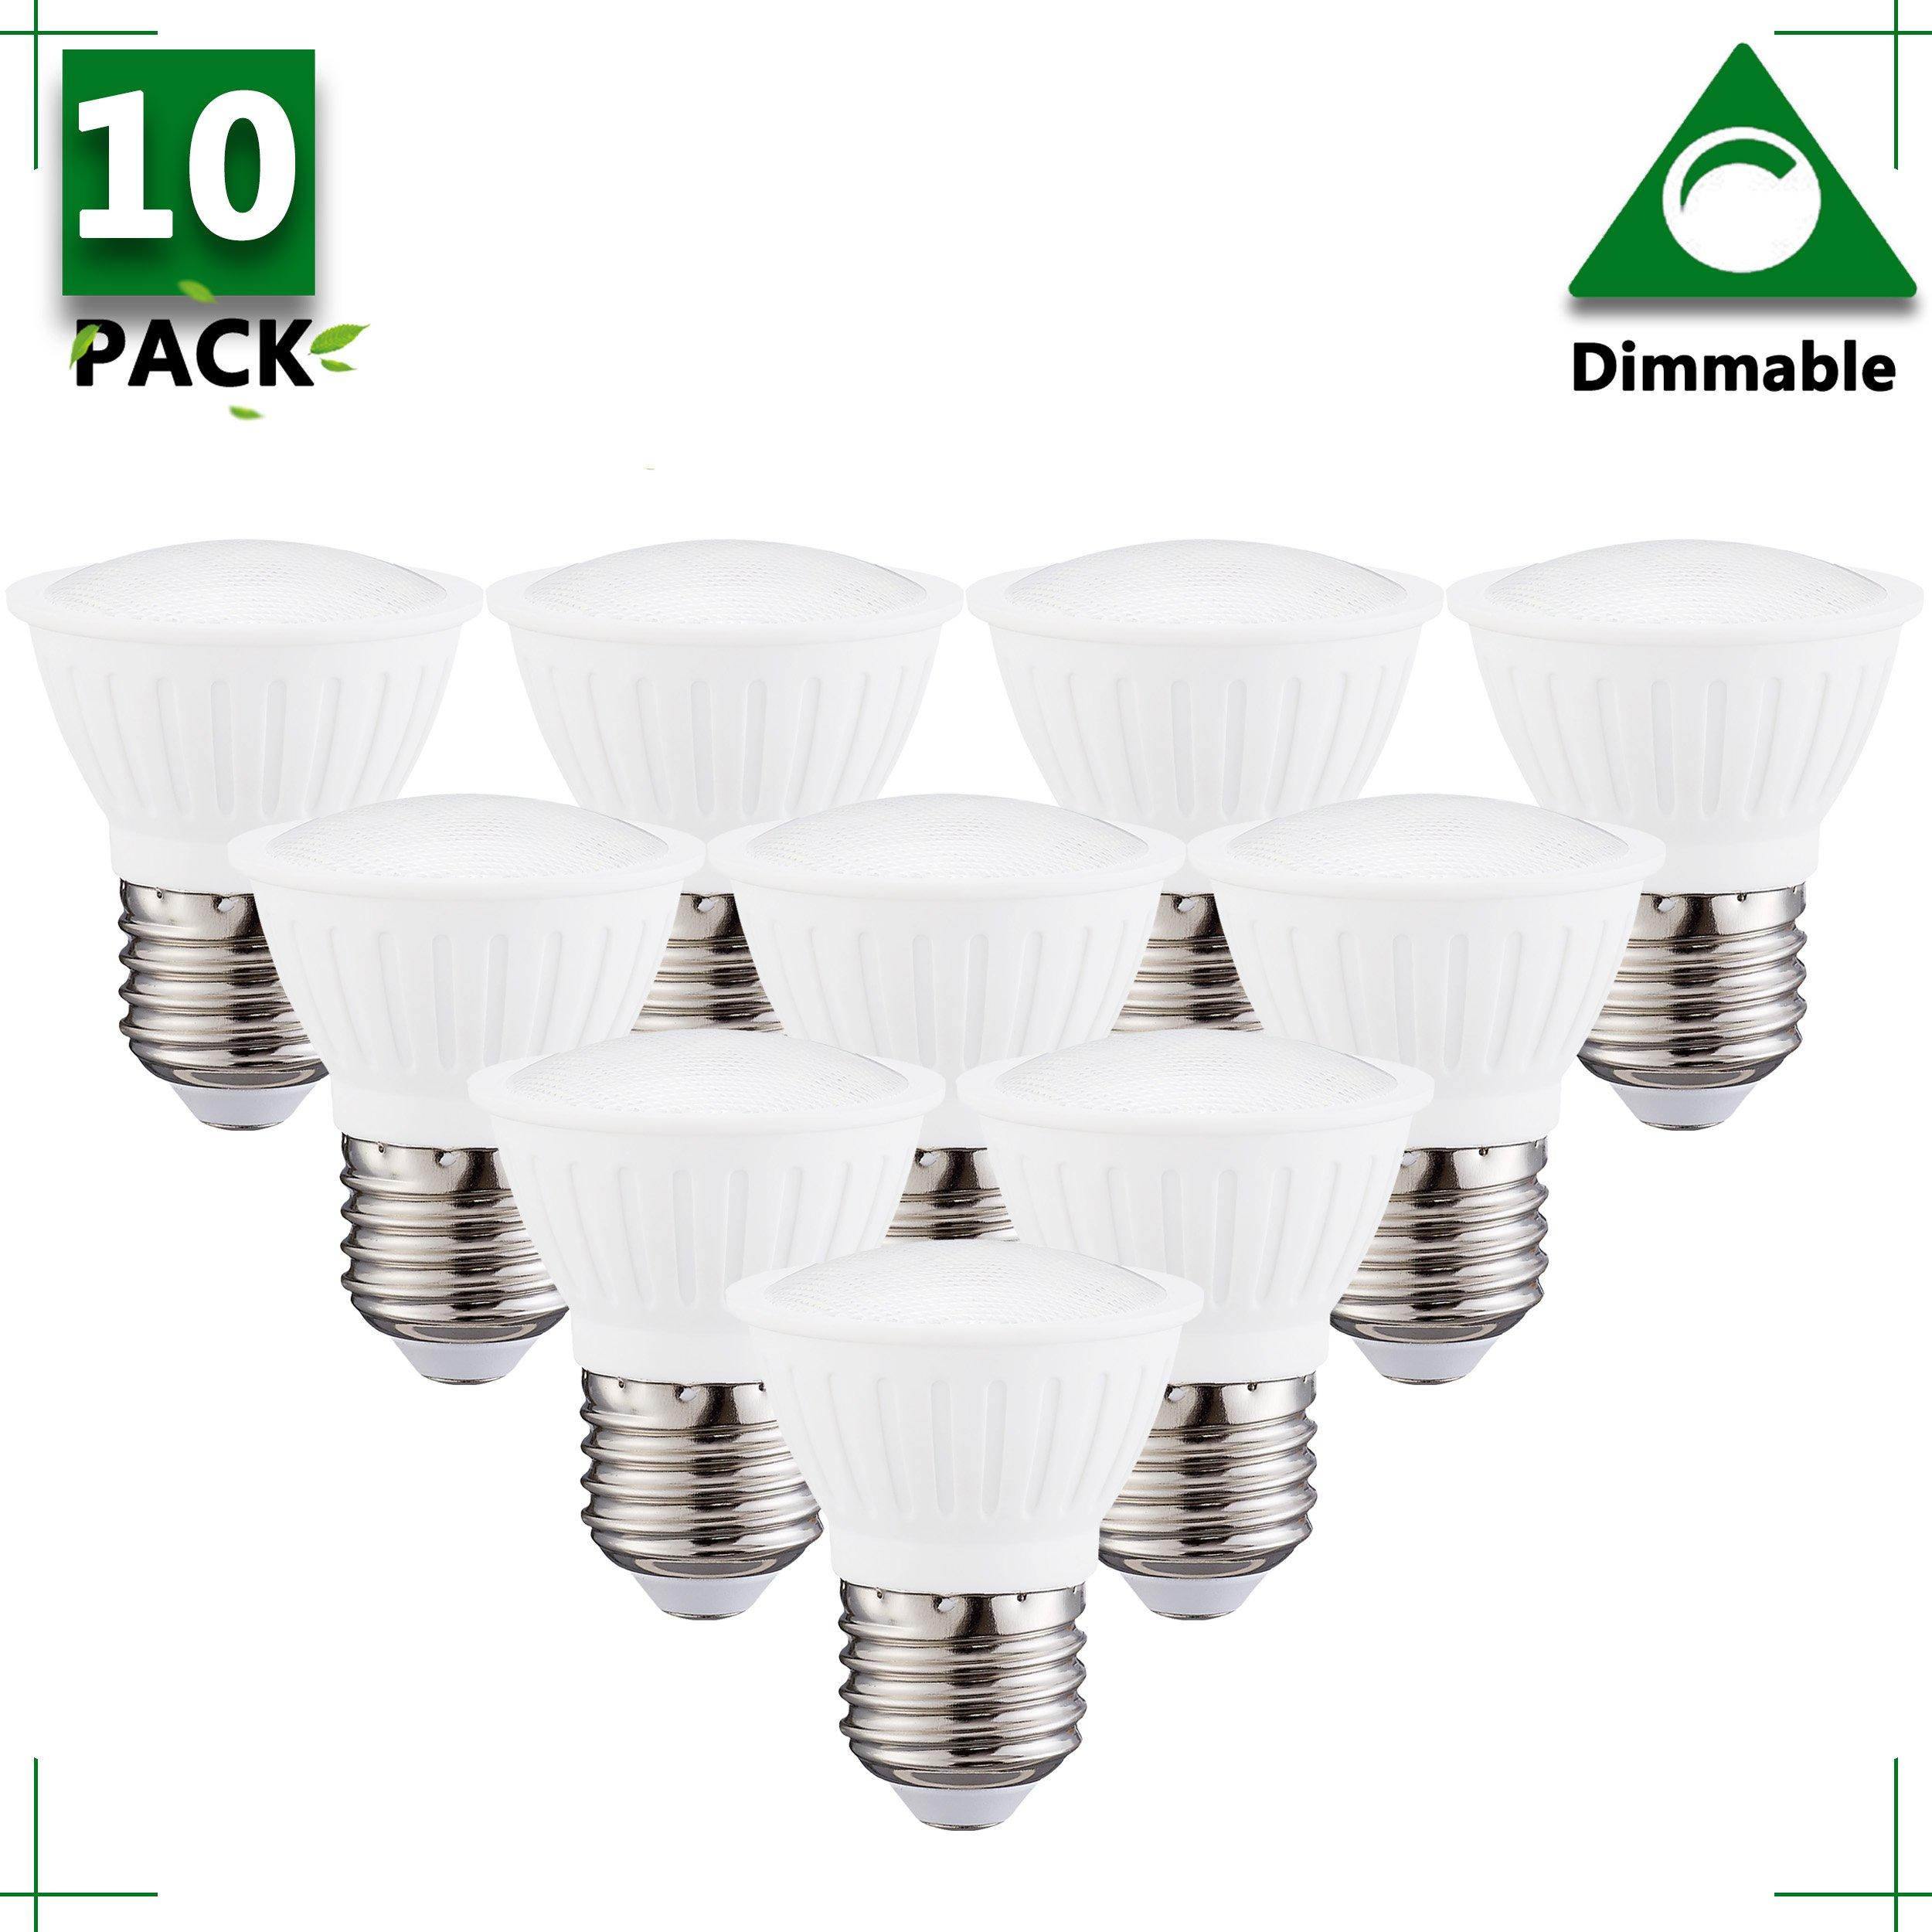 (Pack of 10) PAR16 LED Spotlight E26 Medium Base Dimmable LED Bulbs,3Watt Equivalent 25Watt Halogen Light Bulbs 120 Degree 4000K Natural White LED Flood Light Bulb,120Volt 300Lumens